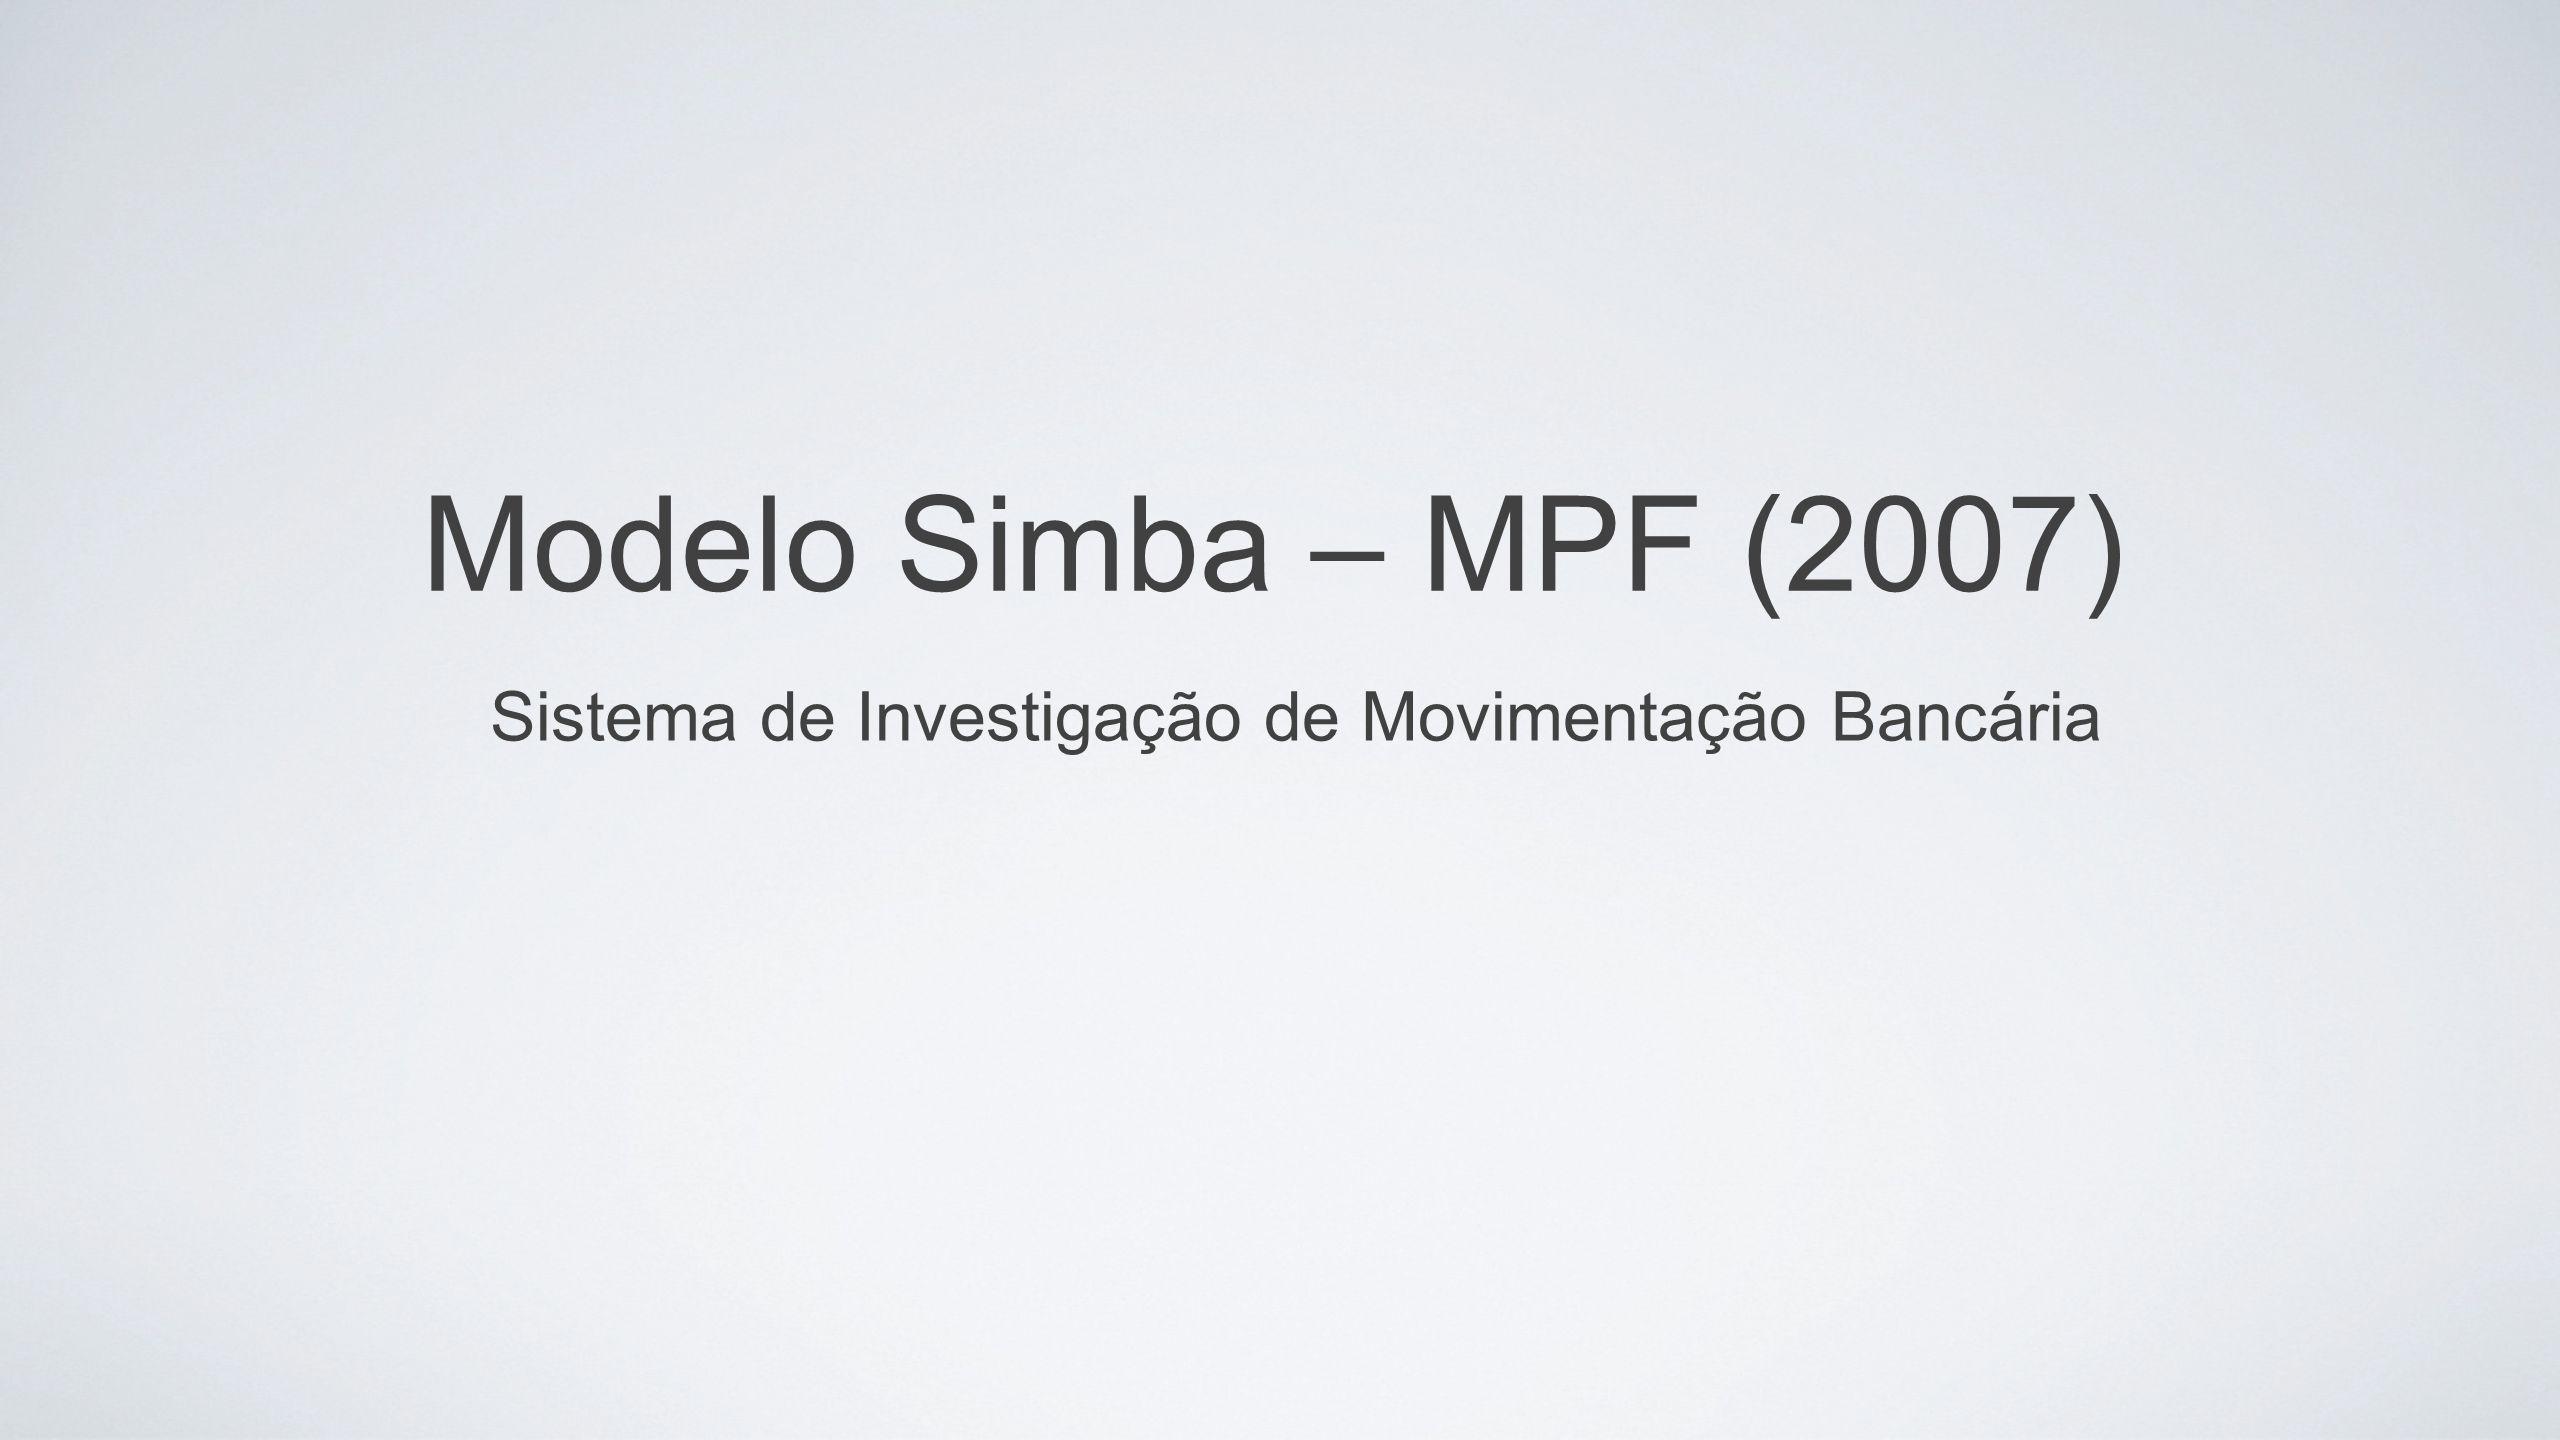 Modelo Simba – MPF (2007) Sistema de Investigação de Movimentação Bancária